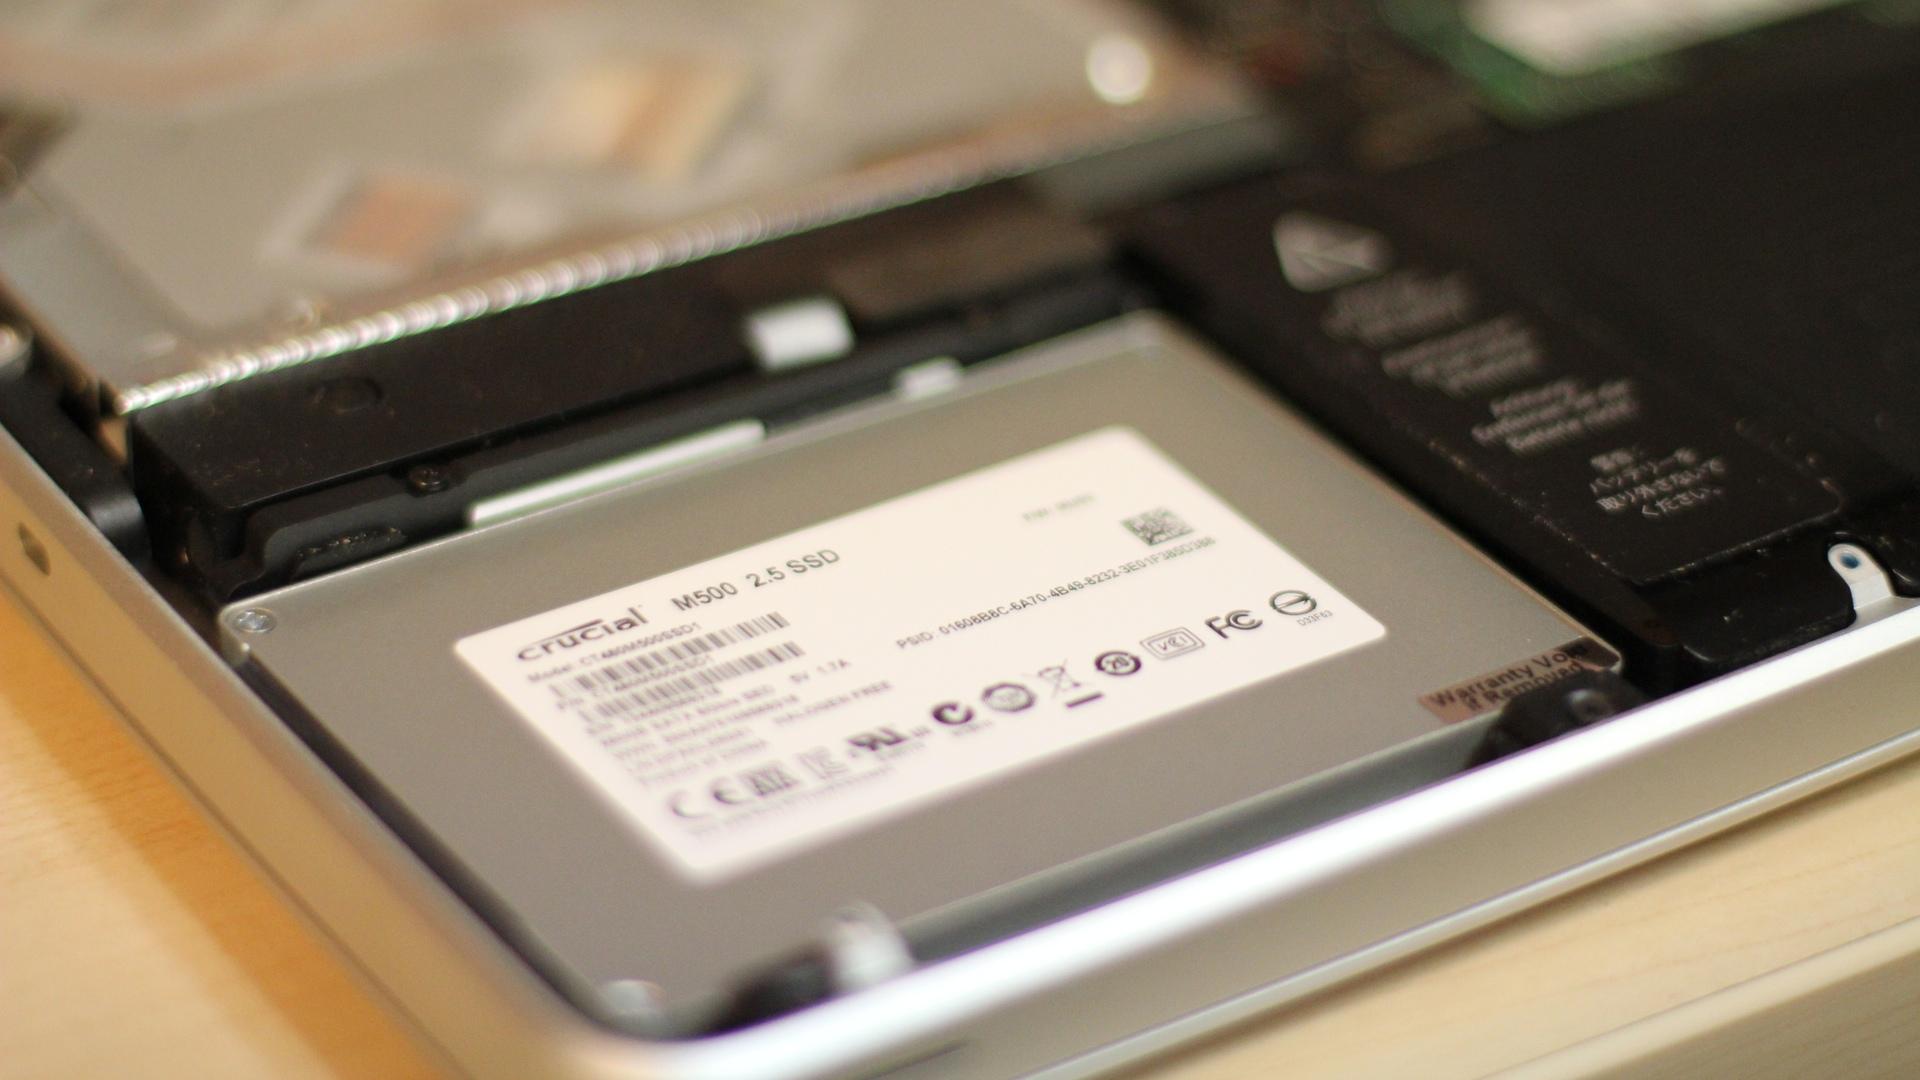 Crucial M500 SSD in a MacBook Pro